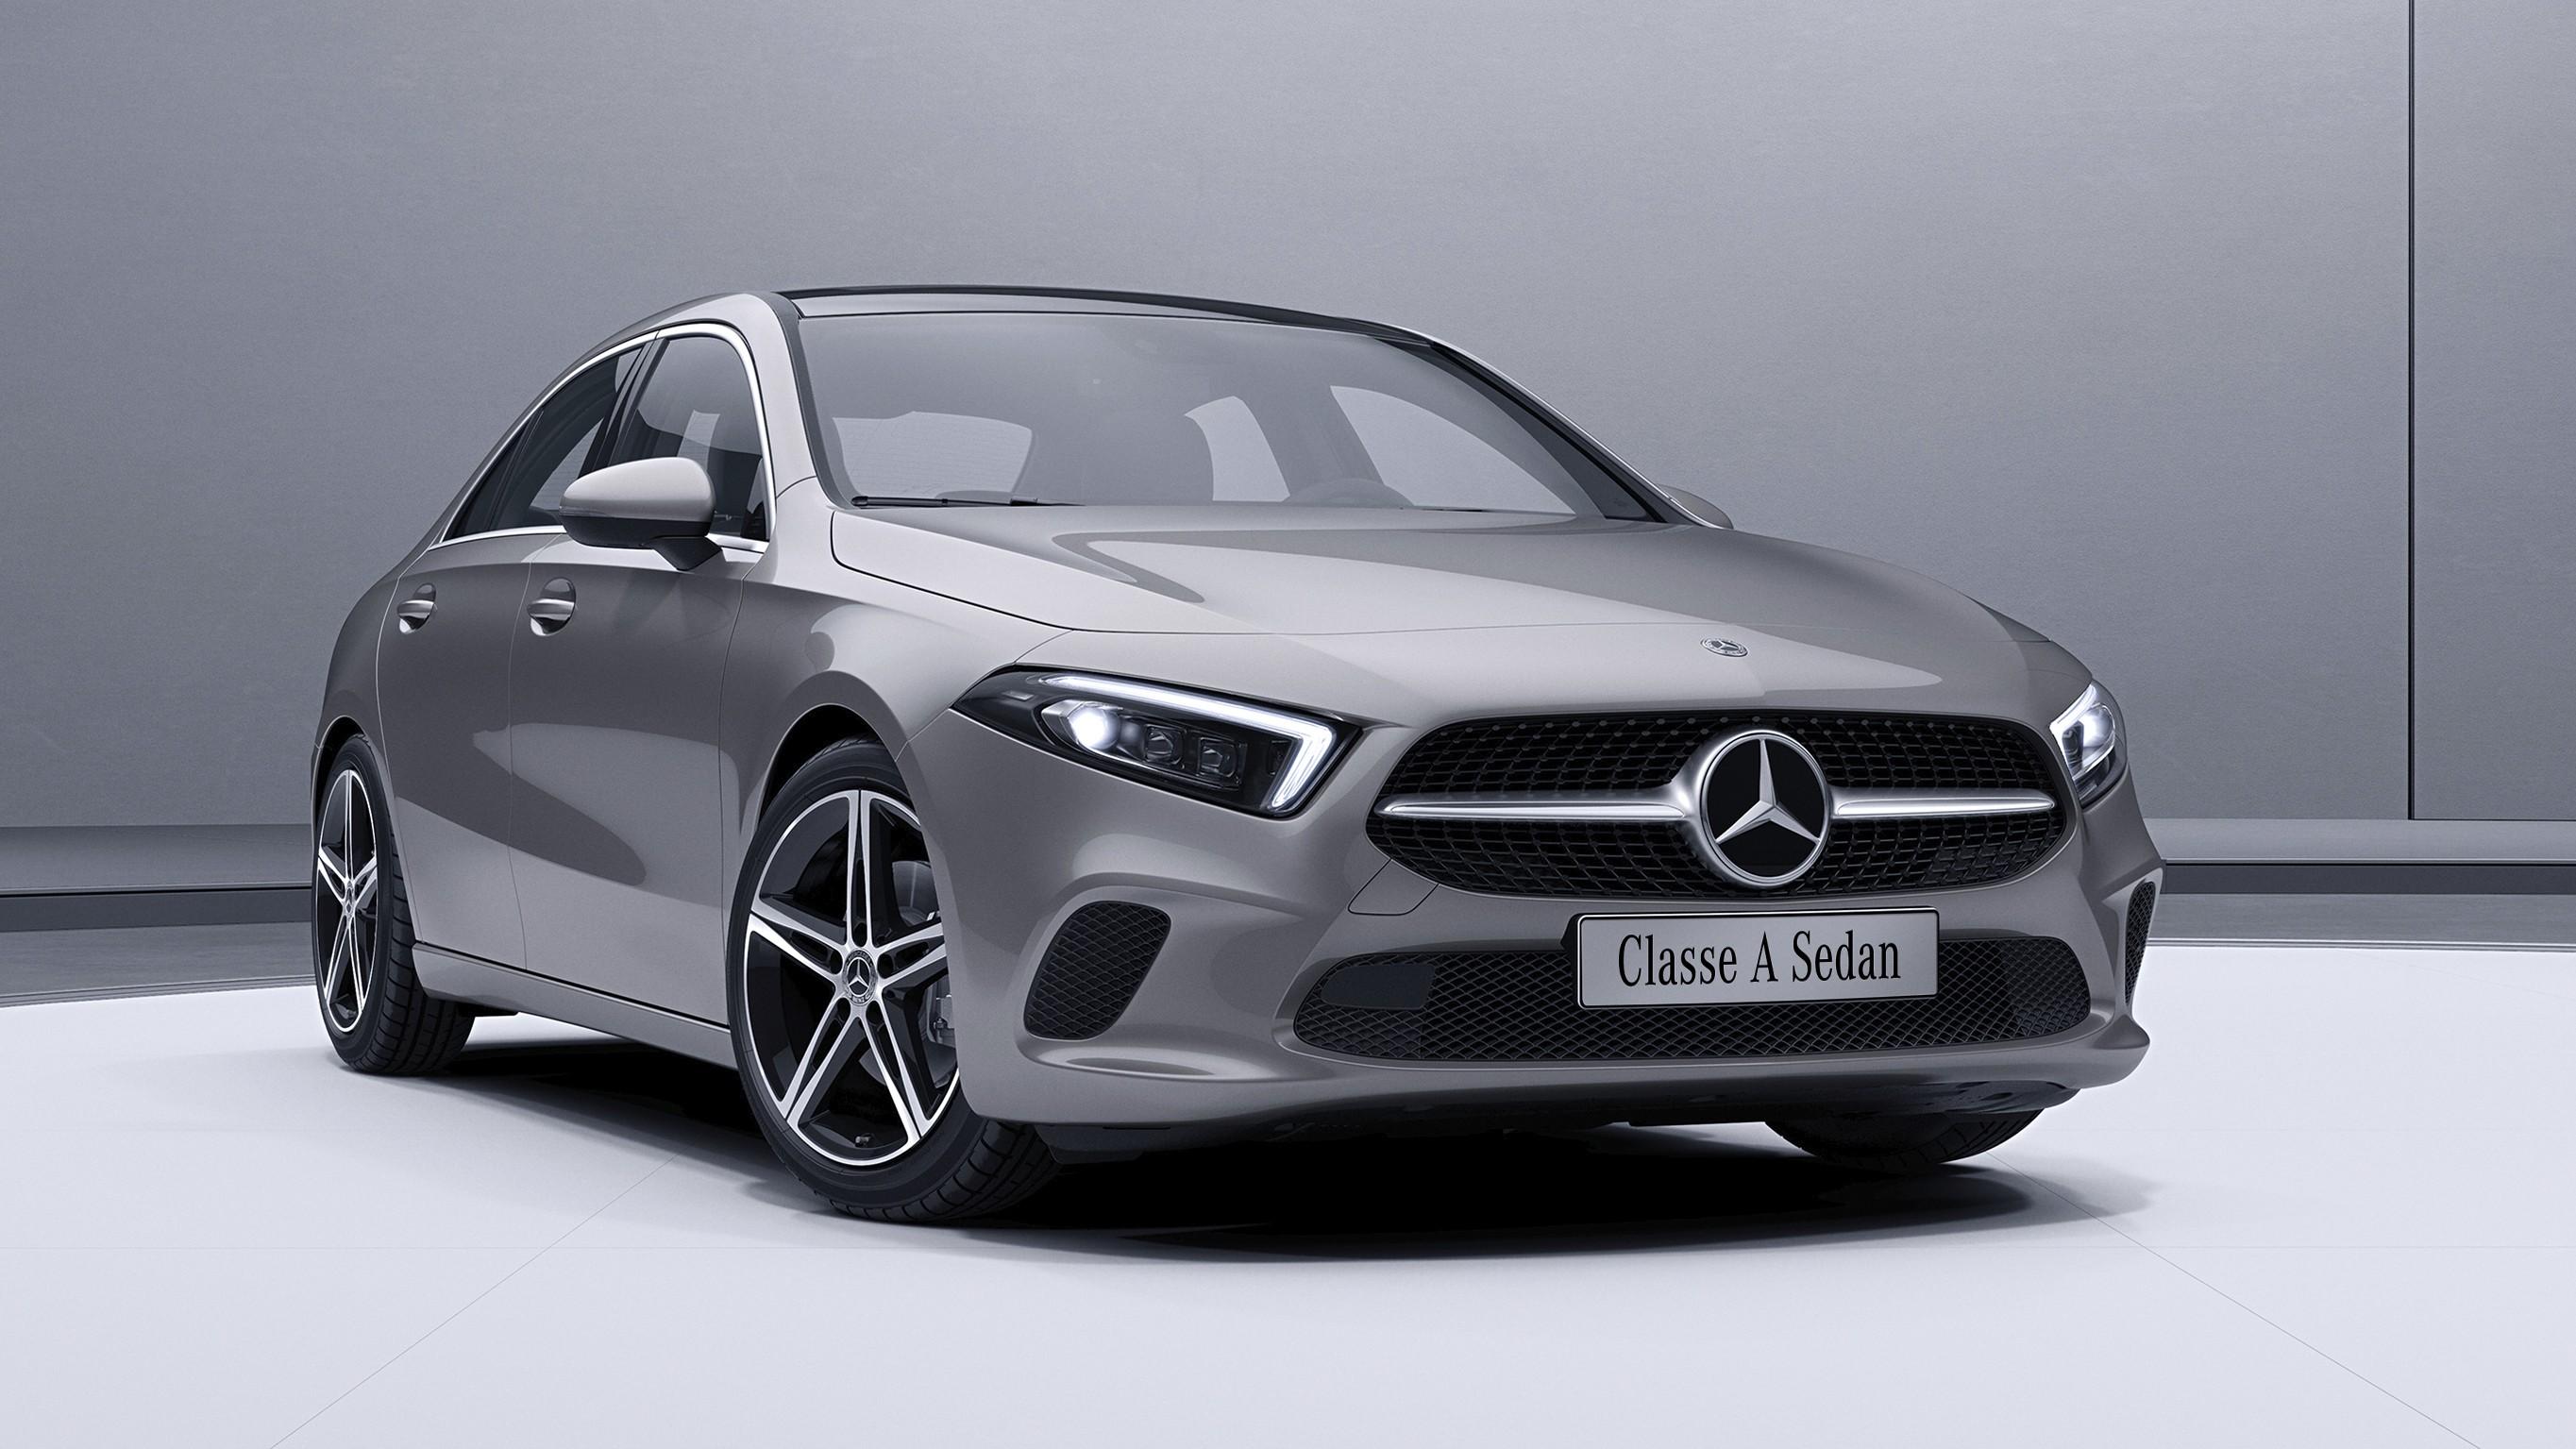 Novo Classe A reúne características que o tornam uma verdadeira referência no segmento de sedans (Foto: Divulgação)